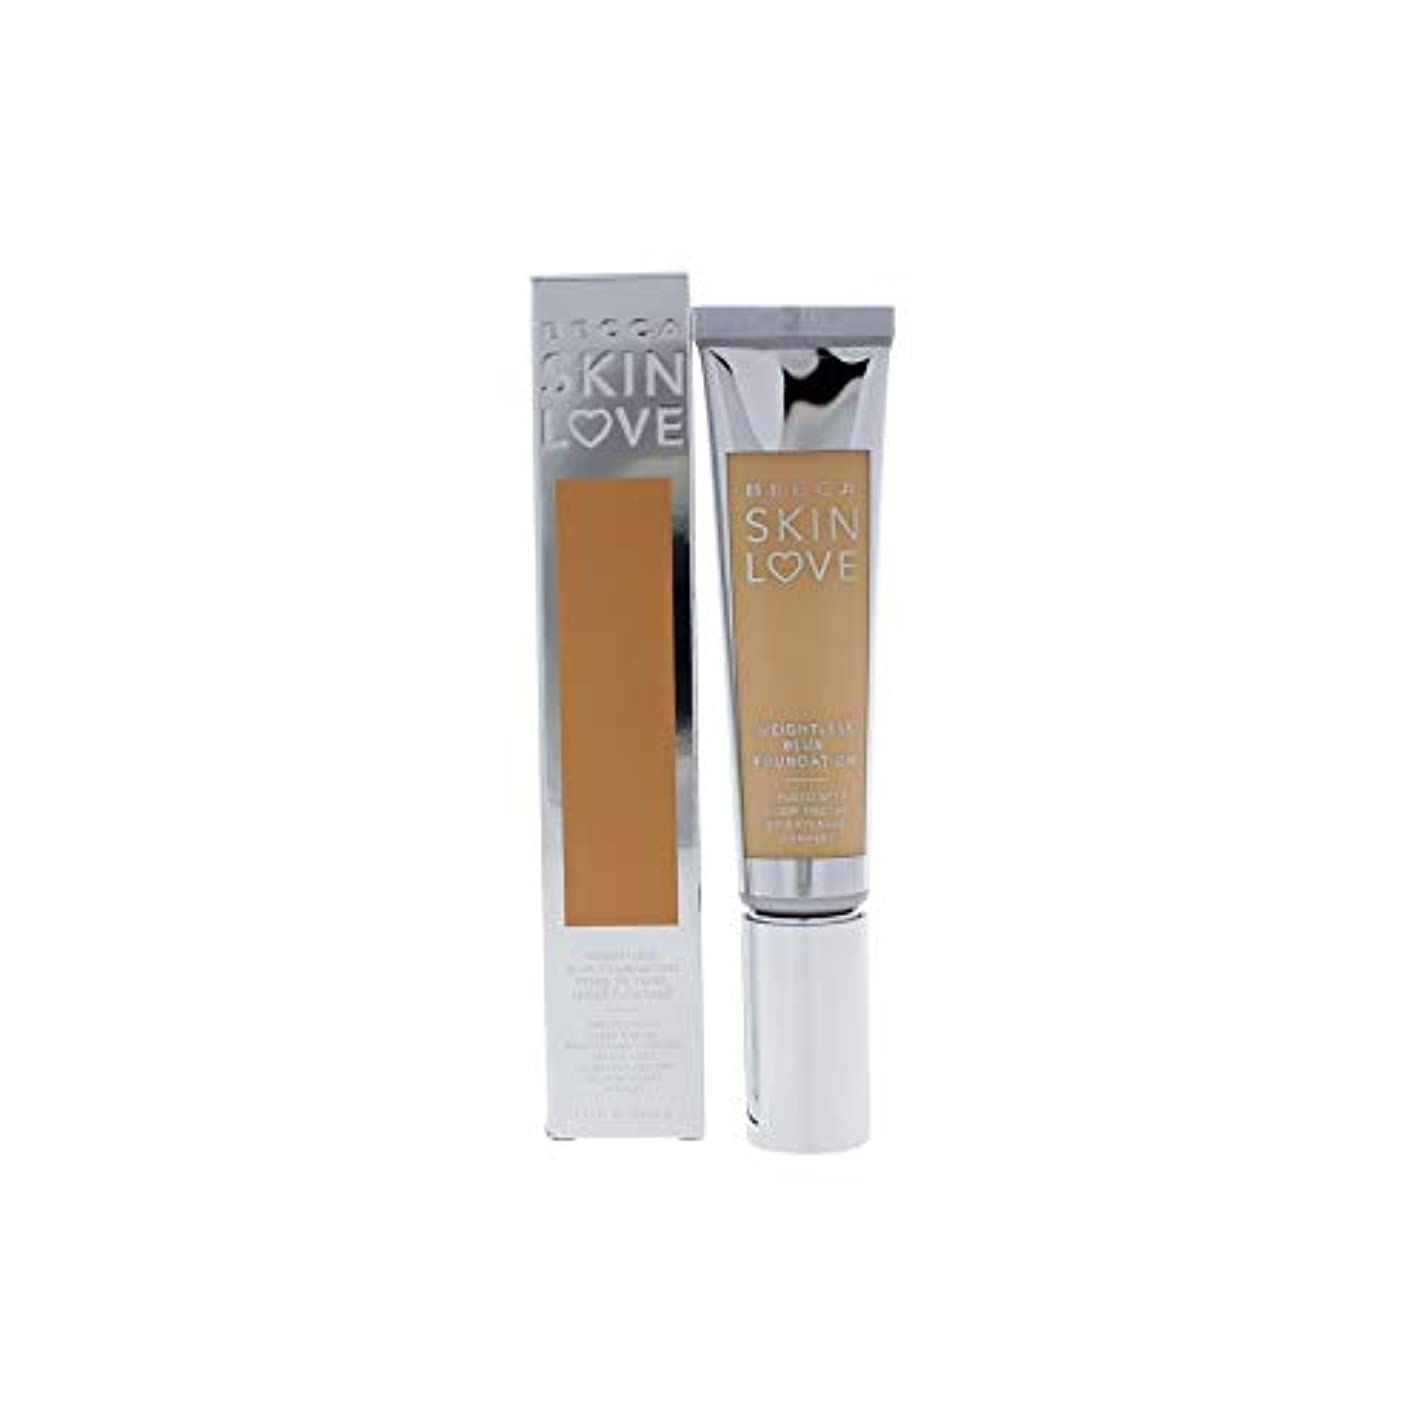 社会ベーリング海峡大胆なベッカ Skin Love Weightless Blur Foundation - # Vanilla 35ml/1.23oz並行輸入品